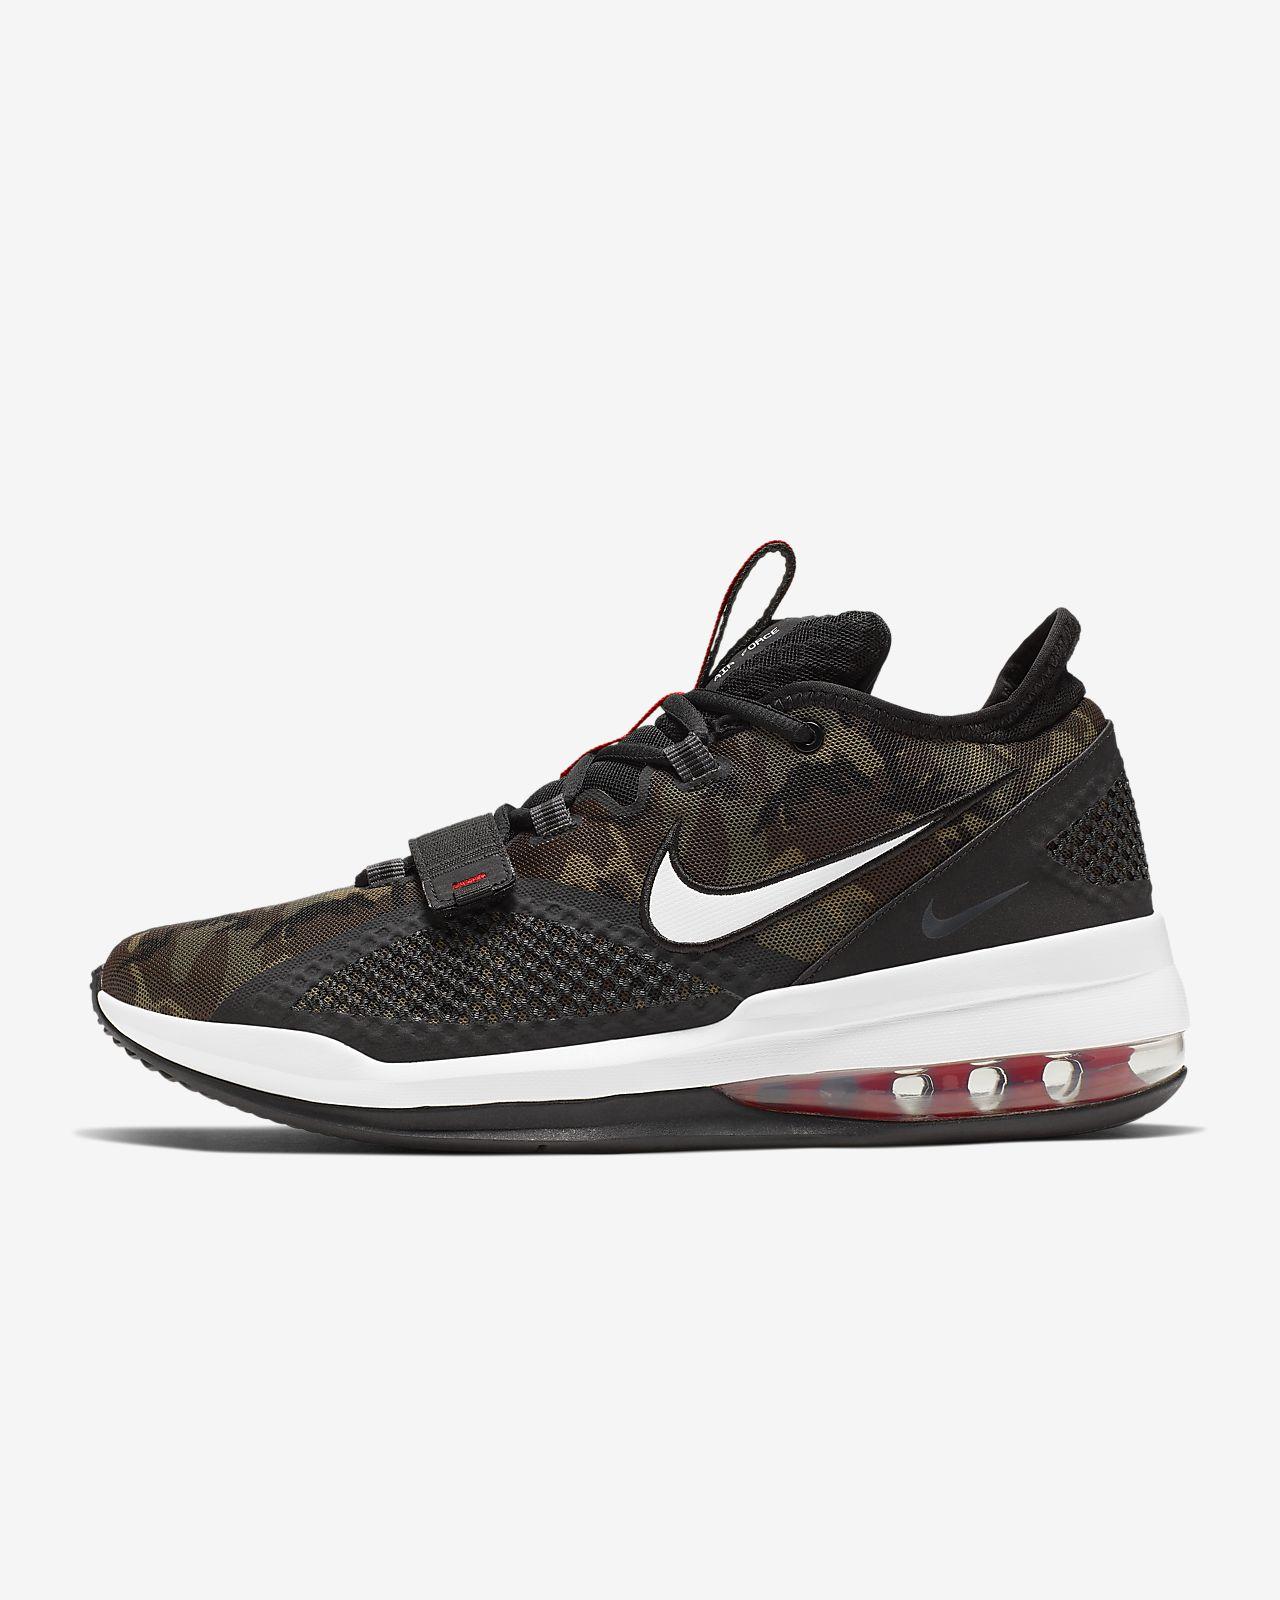 Nike Air Force Max Low Basketballschuh